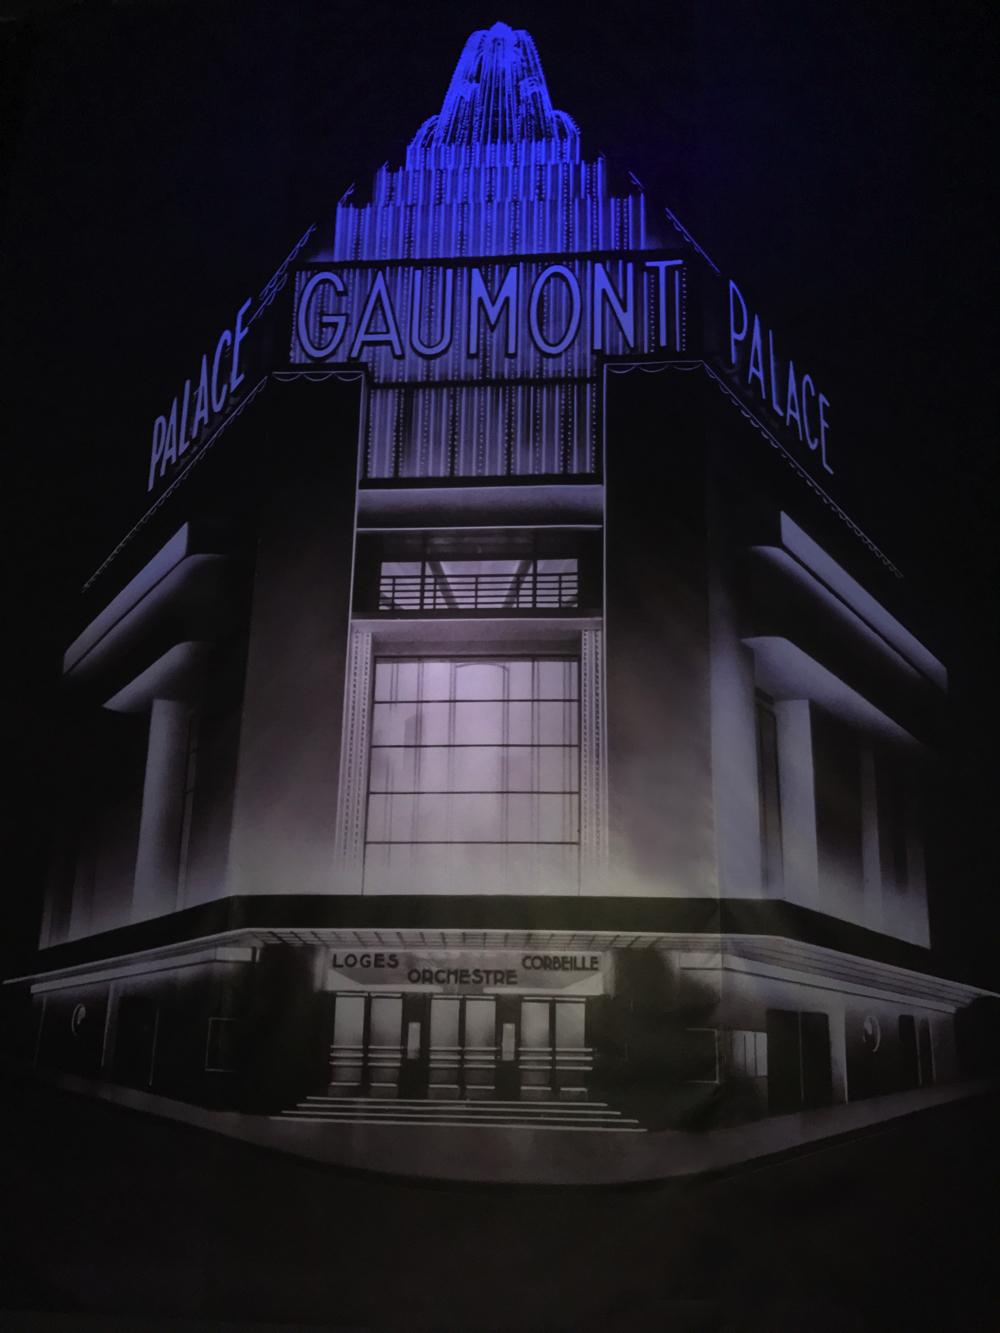 フランスの映画会社Gaumont(ゴーモン)